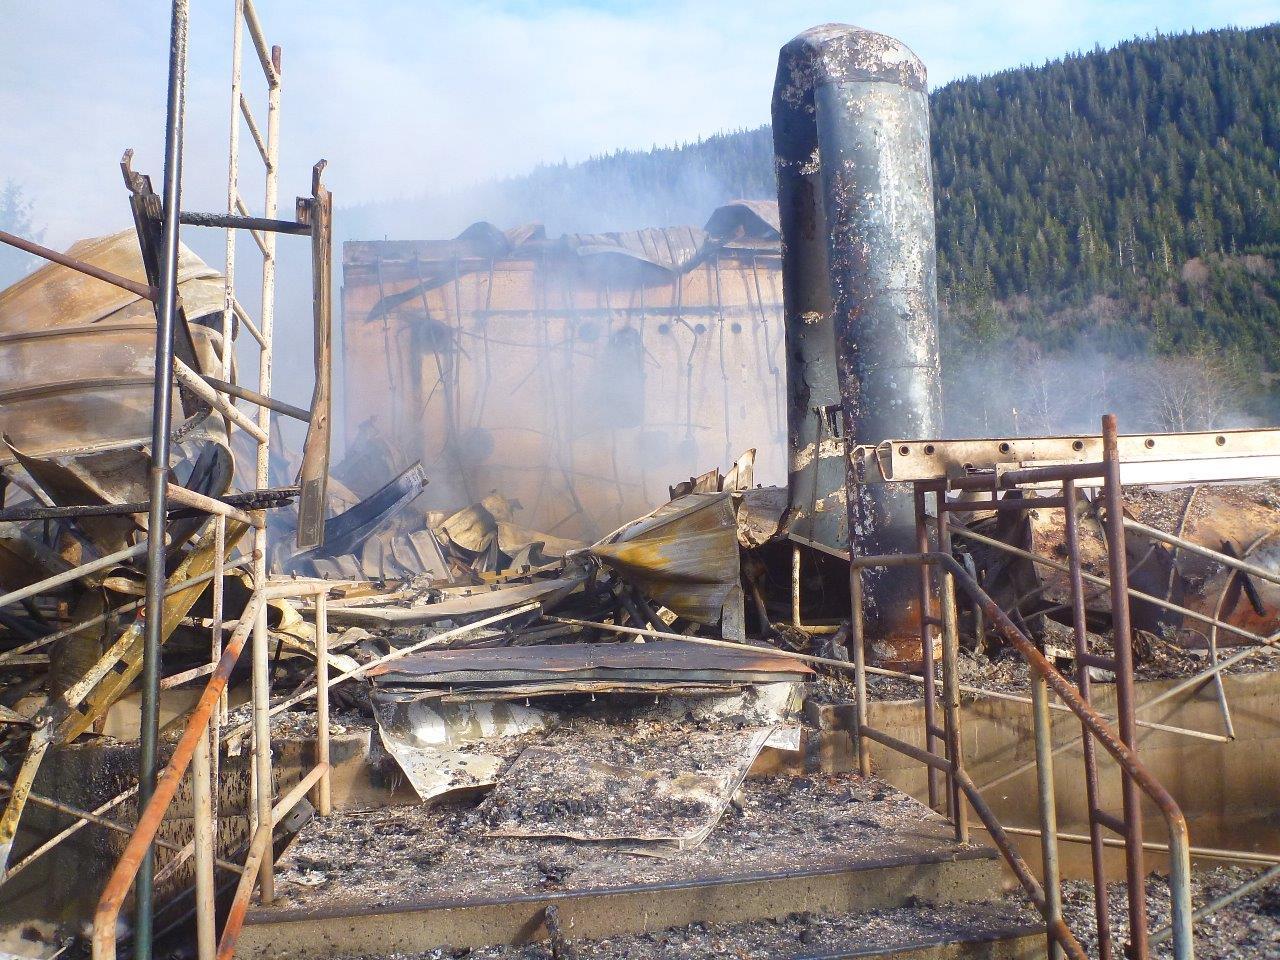 Hatchery salmon eggs lost in fire